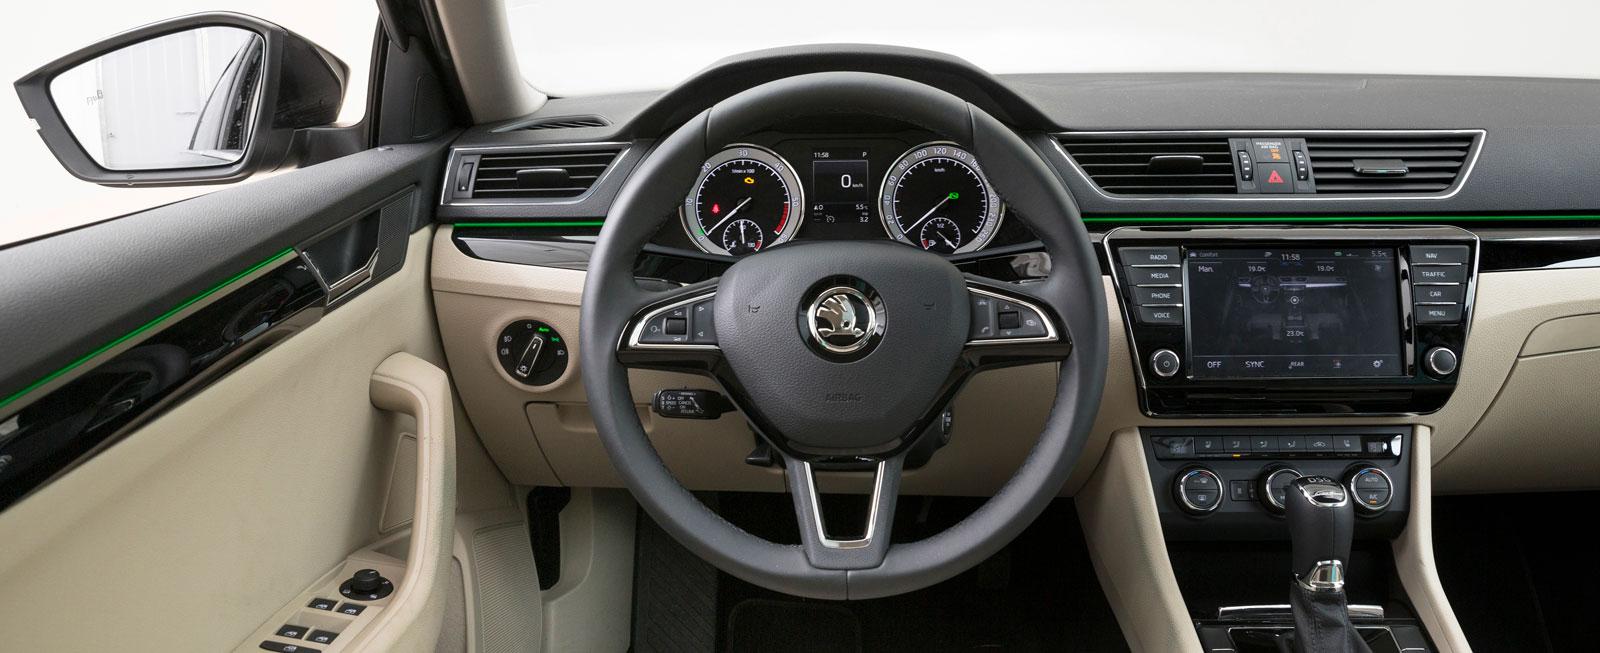 Mycket cockpit-känsla. Koncentrerad instrumentering. Högt placerad display och Head Up Display gör att blicken knappt behöver lämna vägen.